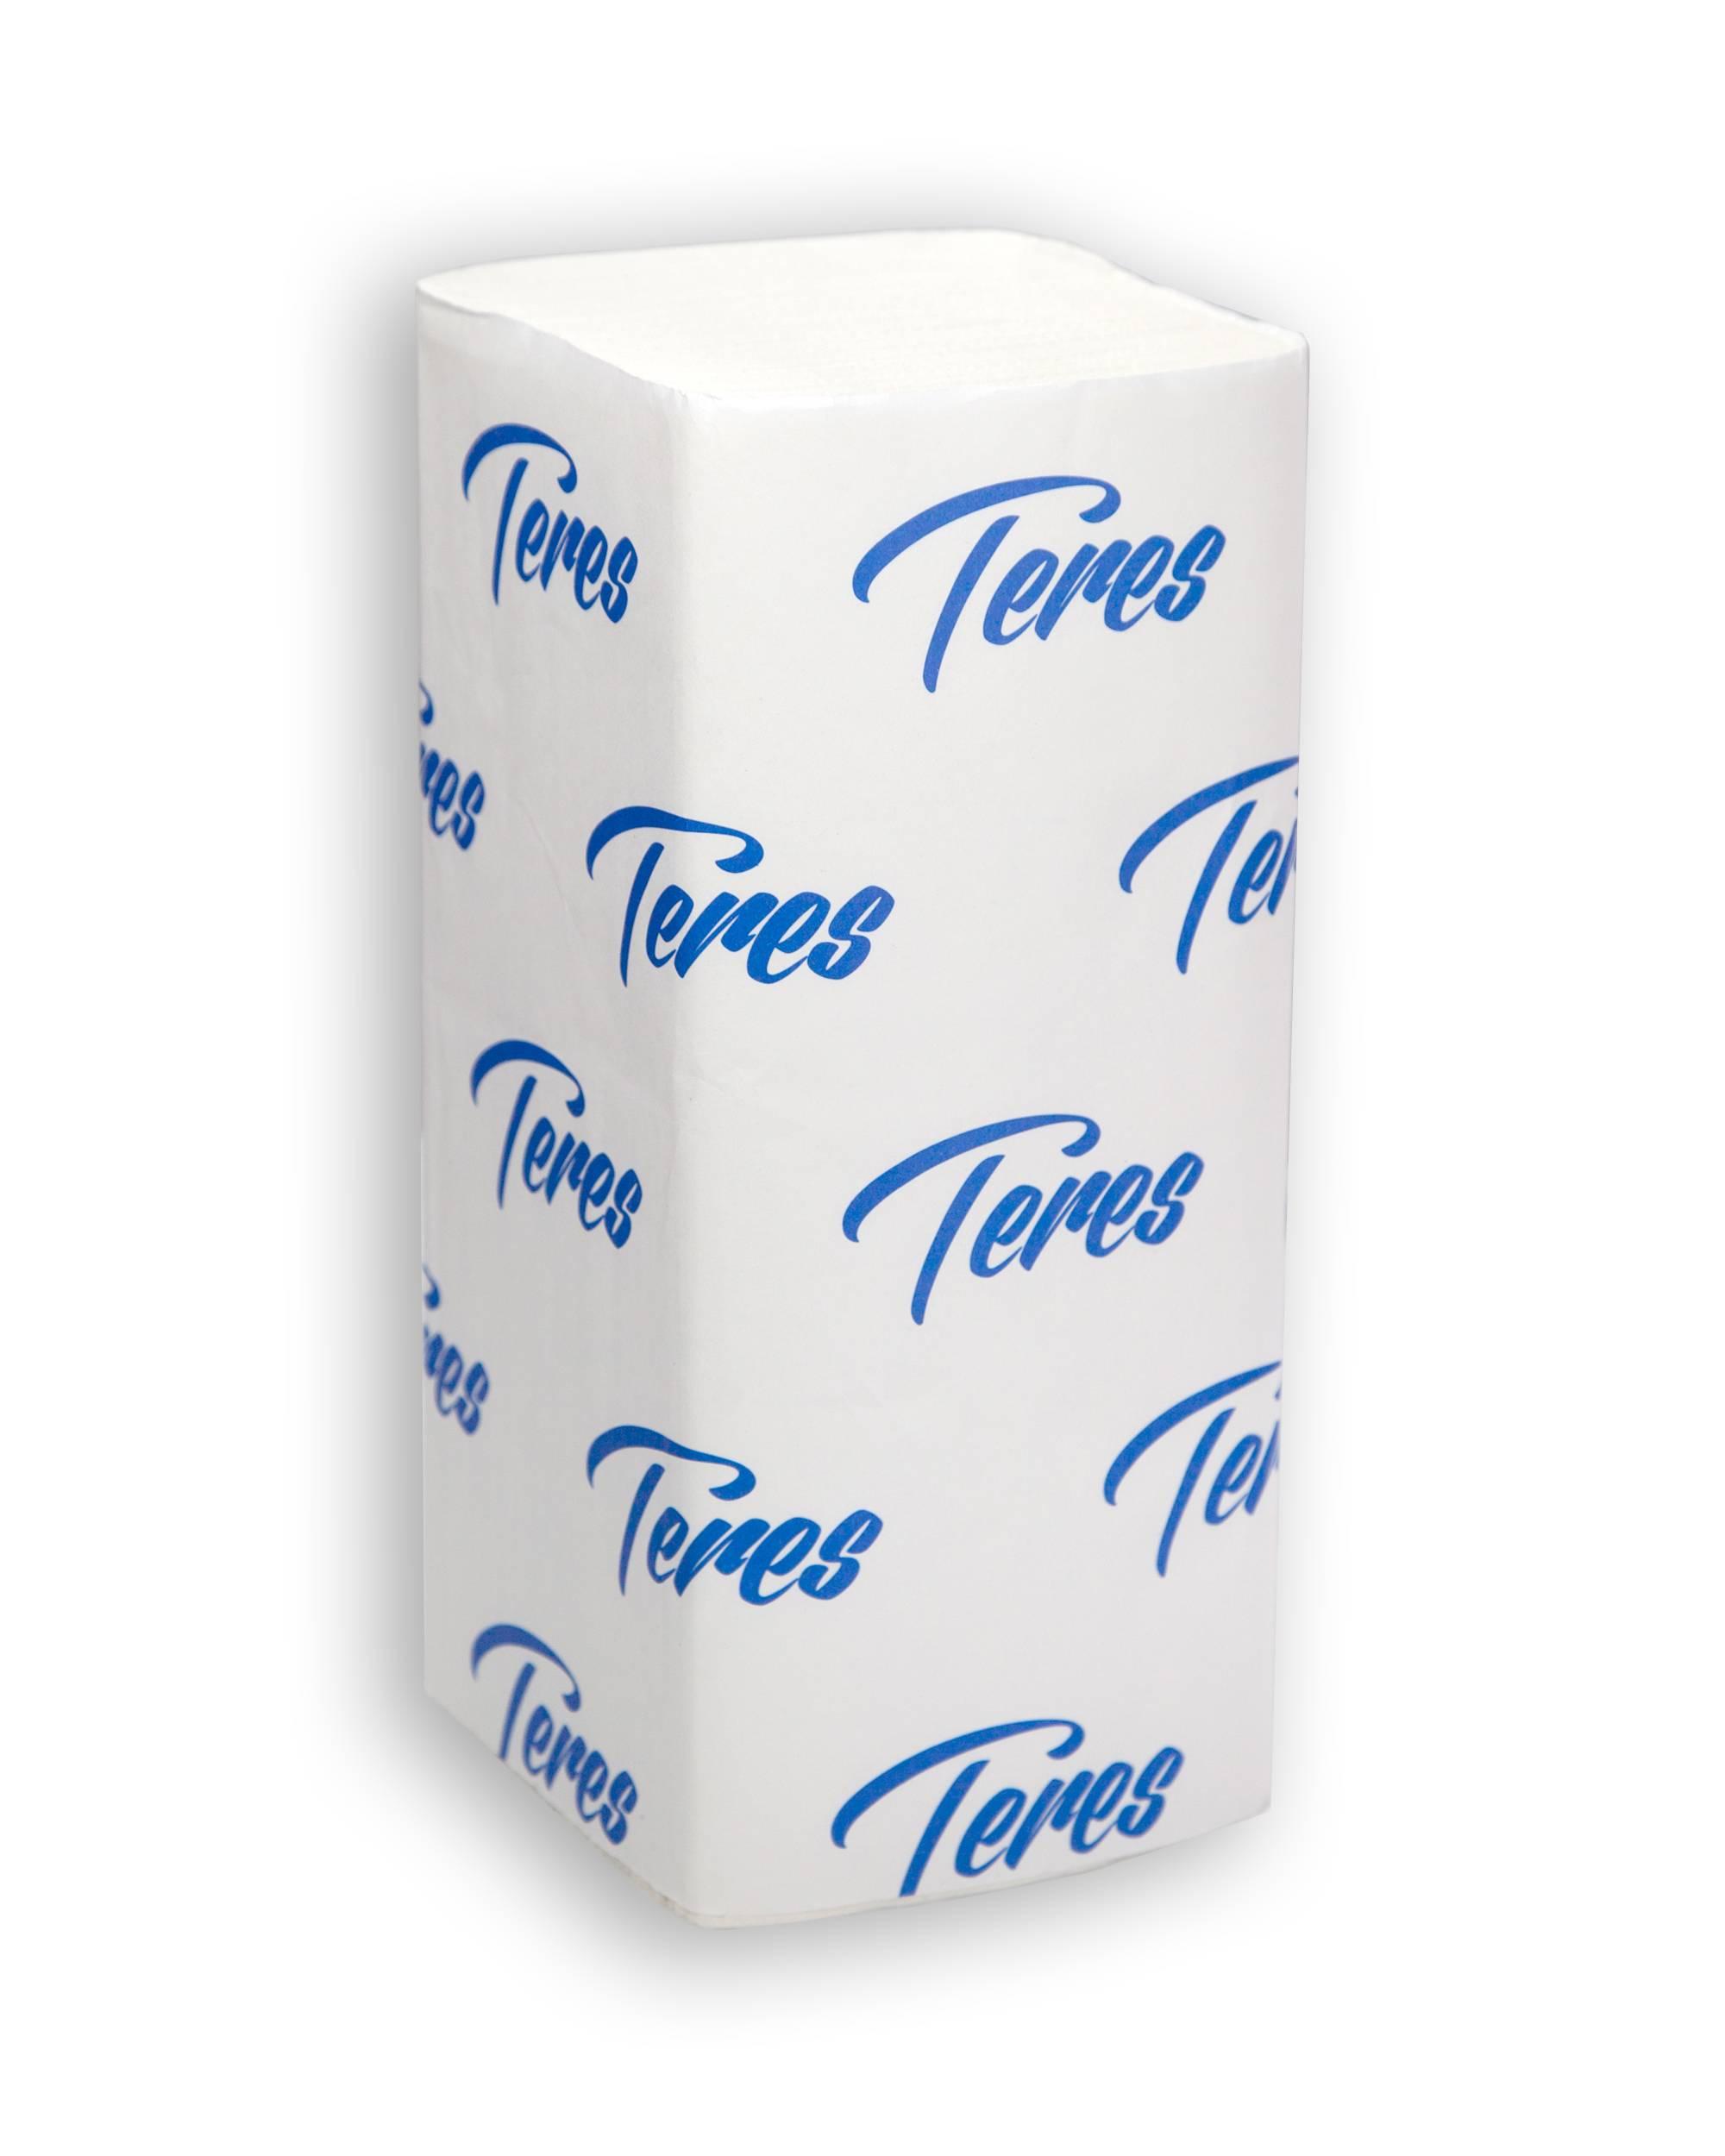 Полотенце бумажные ТЕРЕС СТАНДАРТ, 1 слойное, V(ZZ)-сложение, 23х21,5 см (к дисп 153930,153916), 250 л., белый